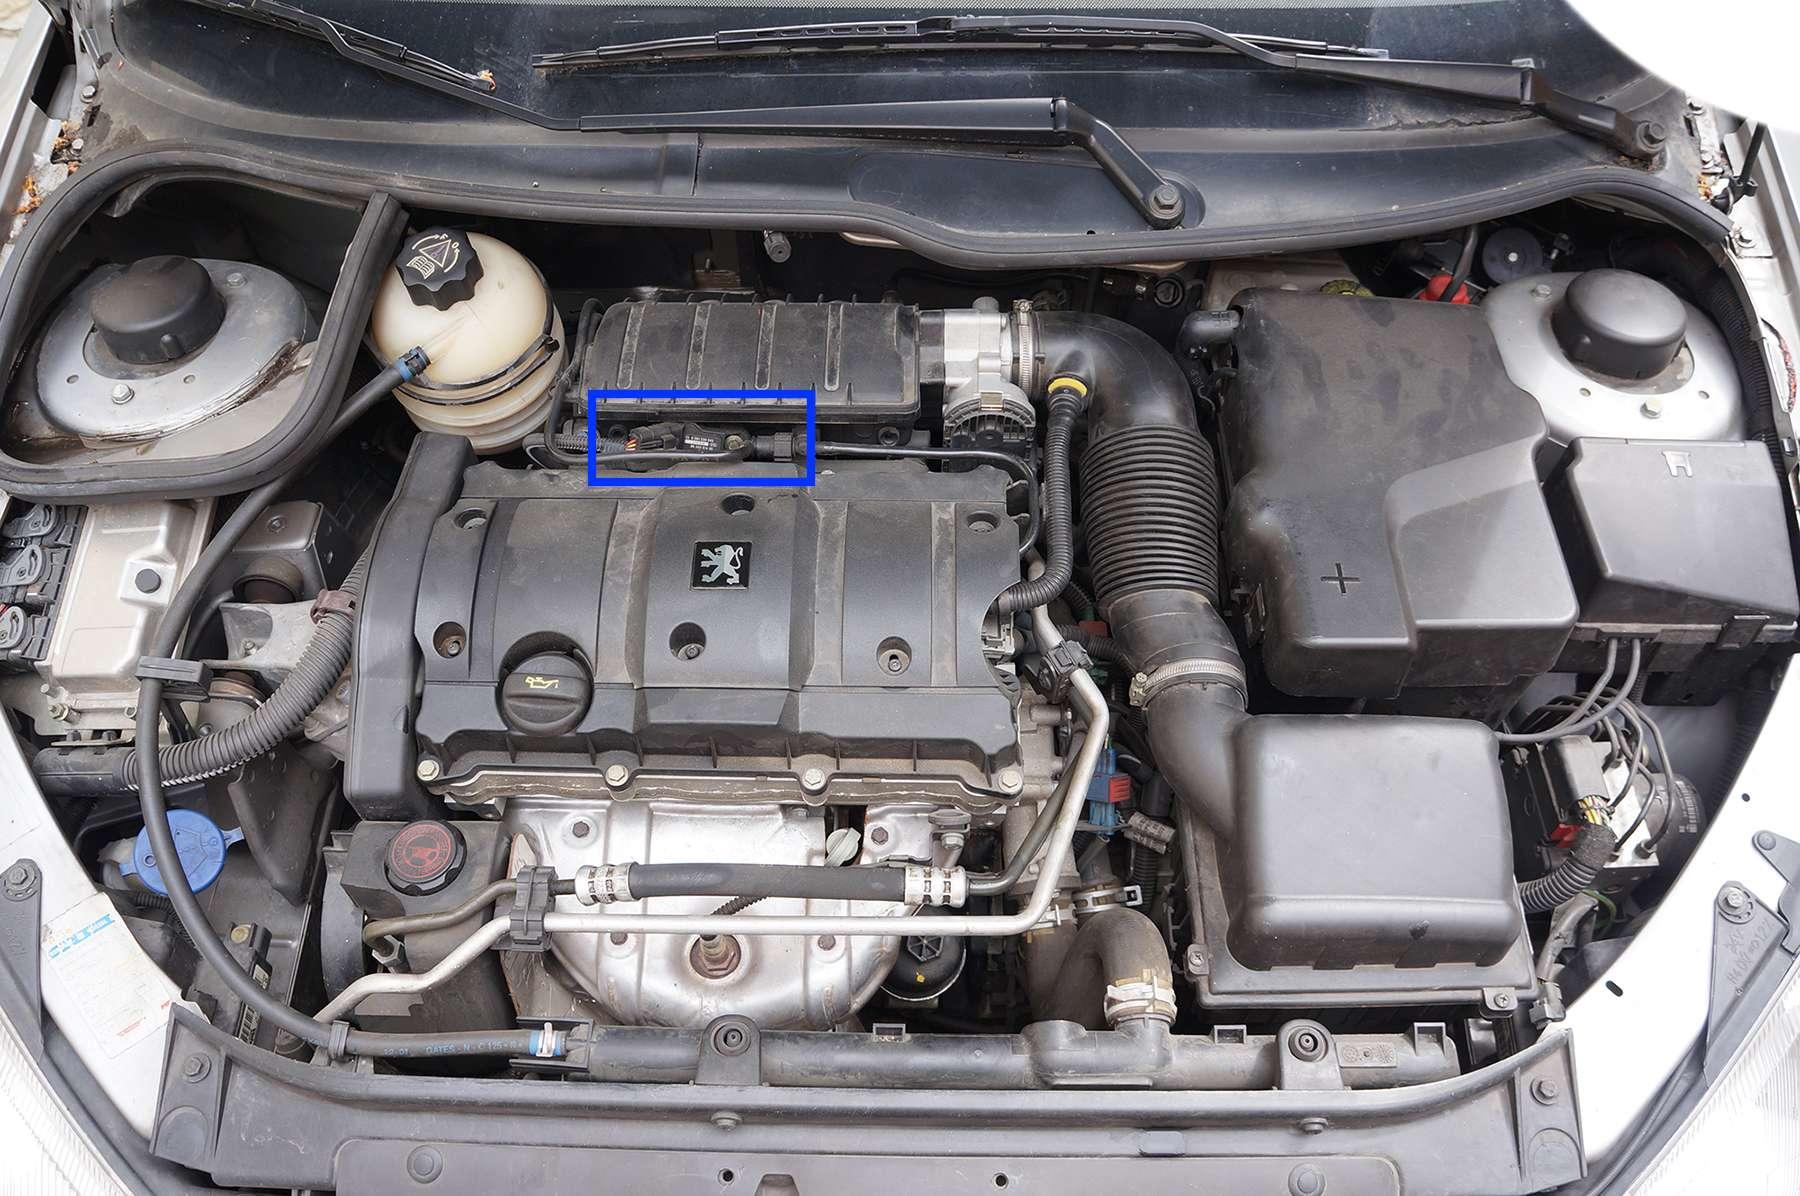 Problème de claquement et ralenti moteur 206 1.6 16v essence Big-2011